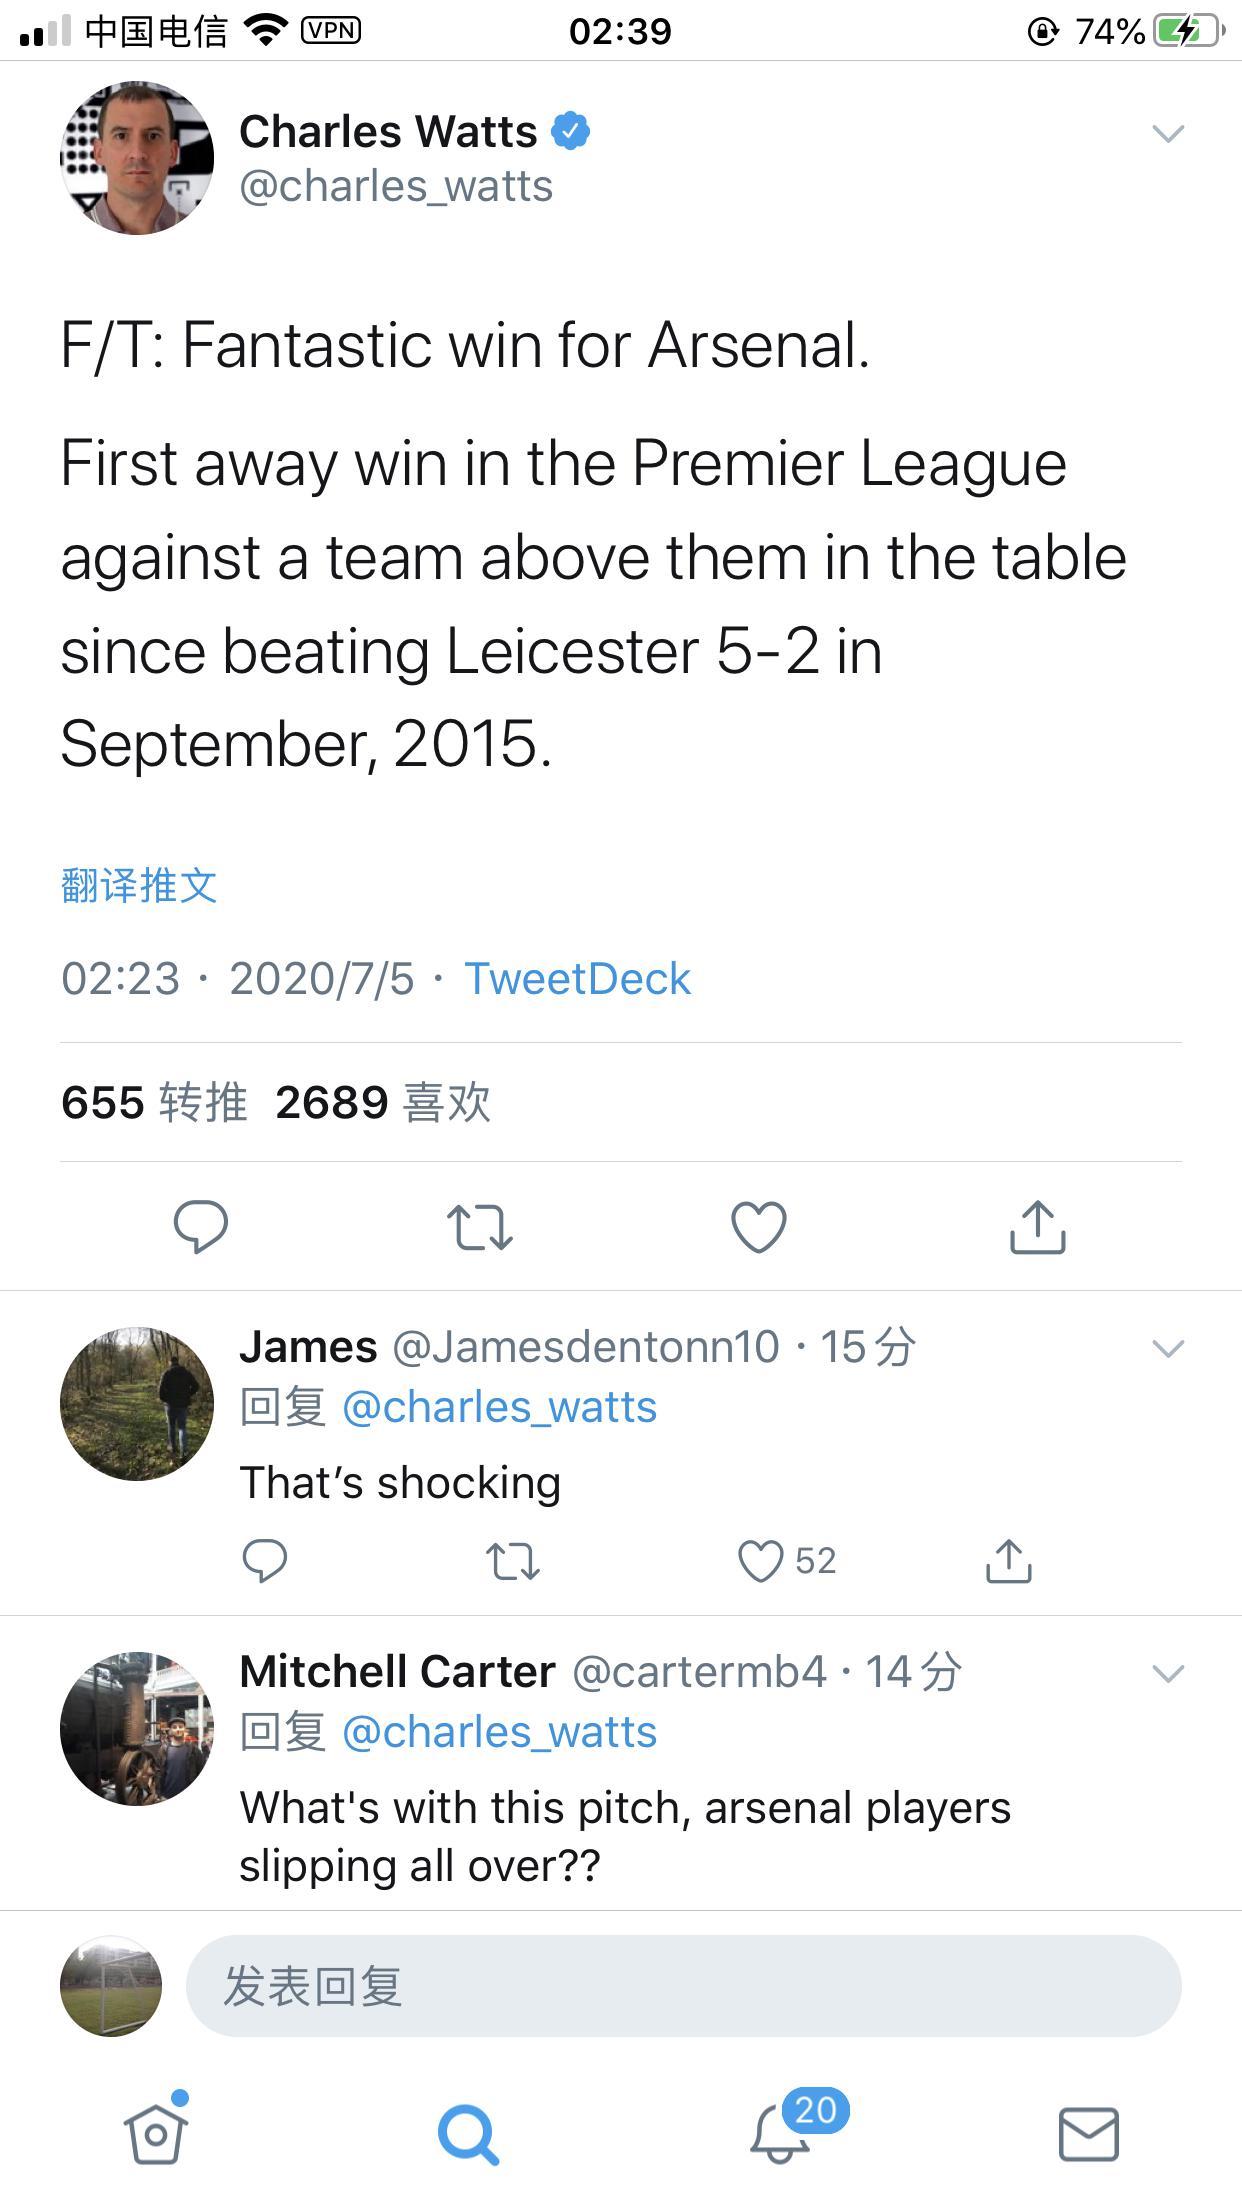 自2015年九月以5-2击败莱斯特以来……